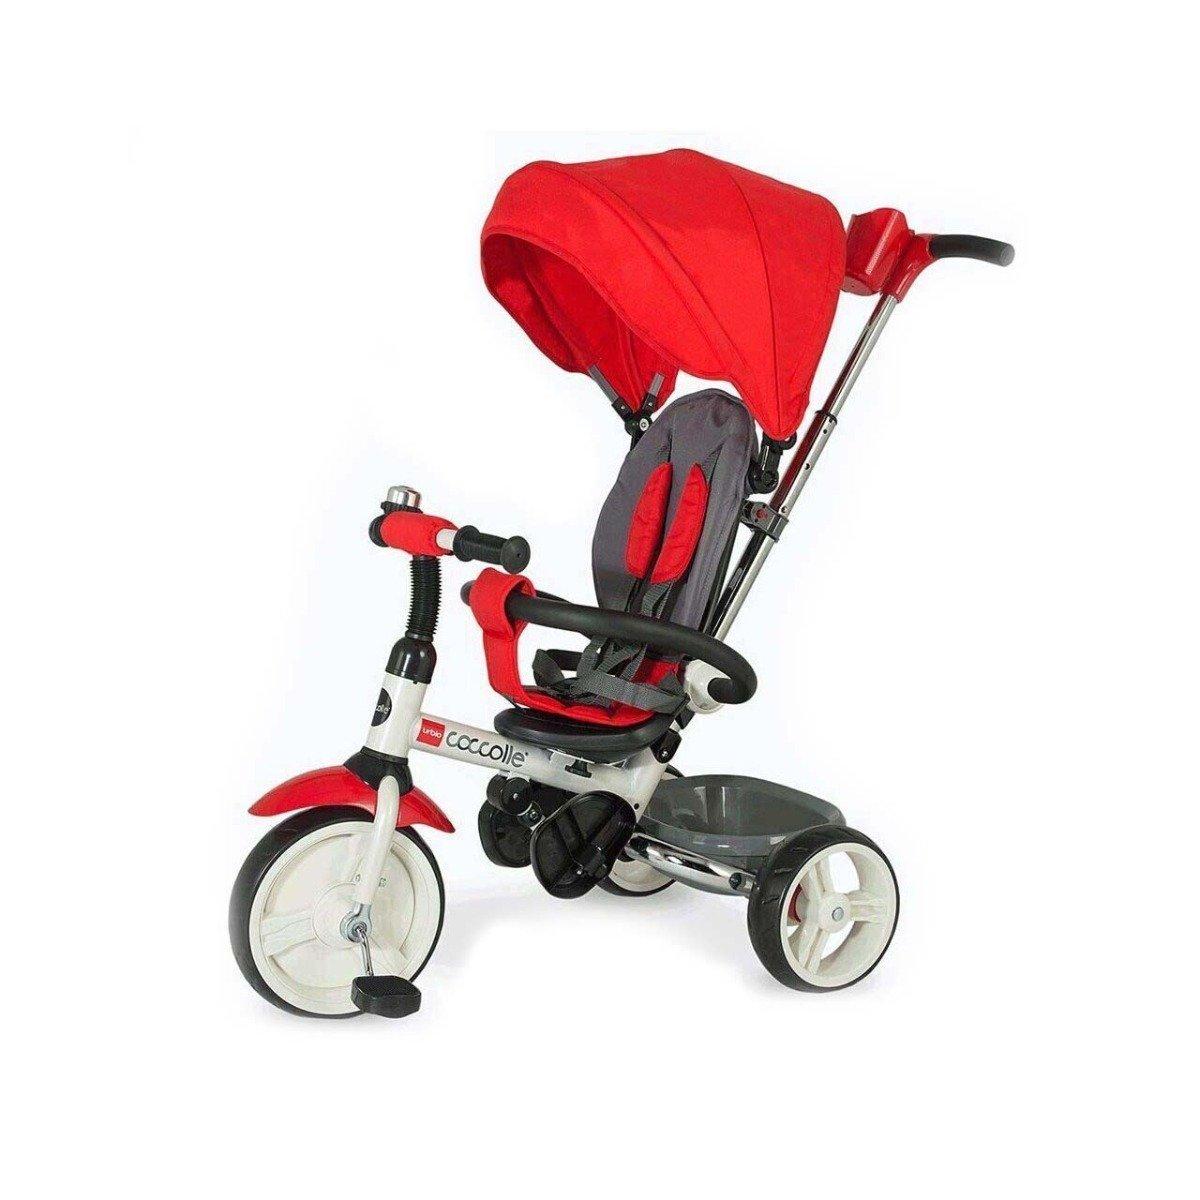 Tricicleta pliabila Urbio Coccolle, Rosu imagine